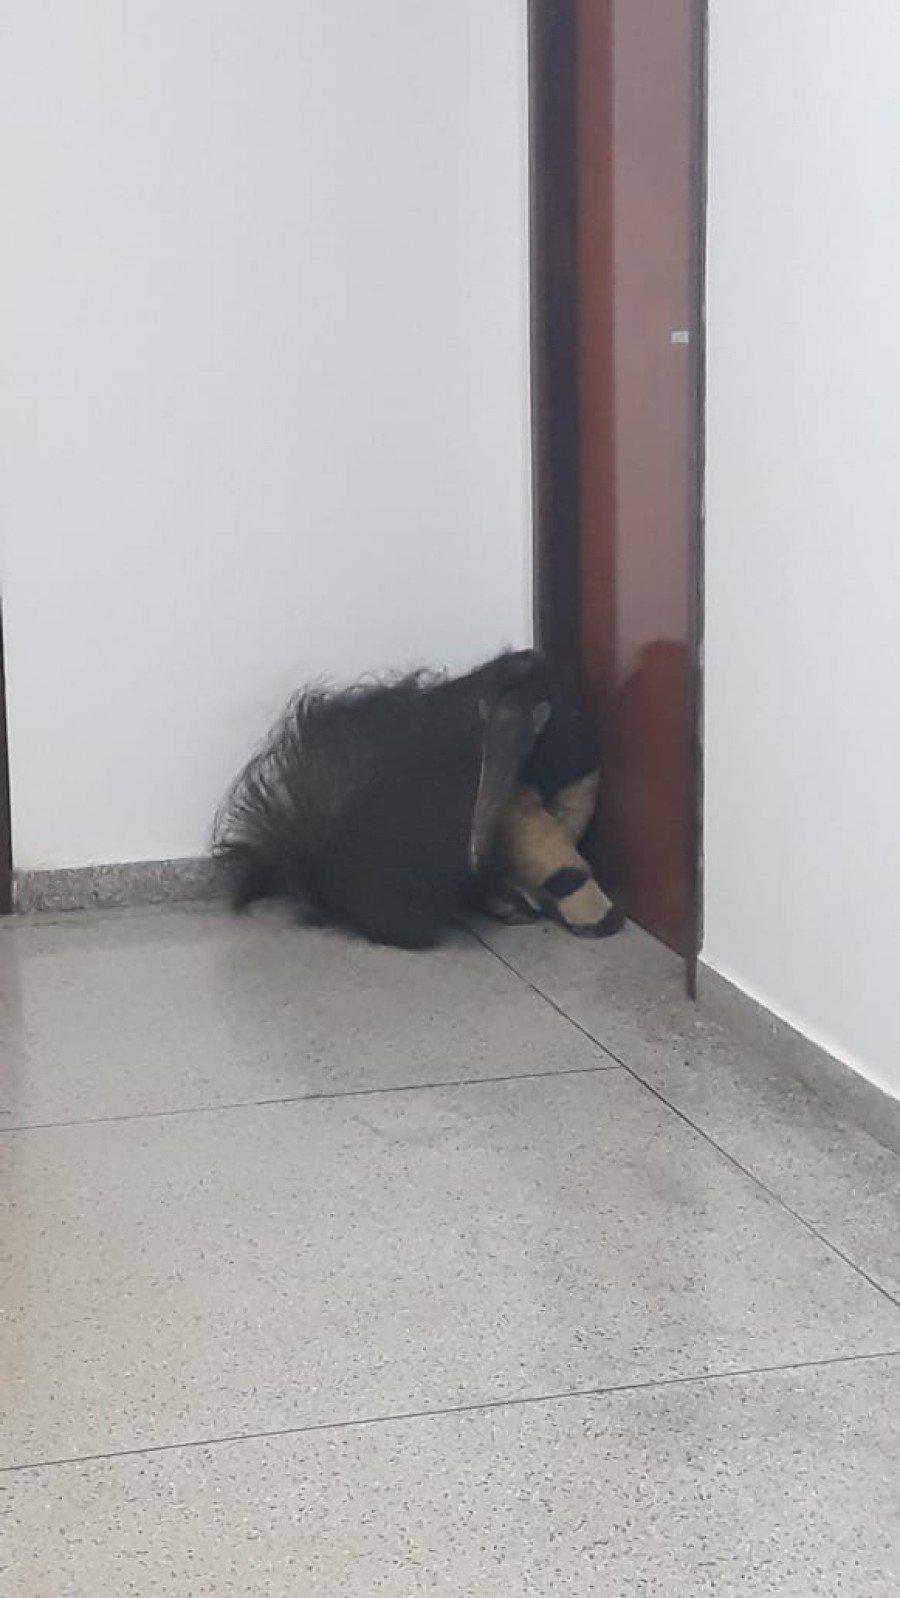 O animal estava sem ferimentos e foi solto posteriormente